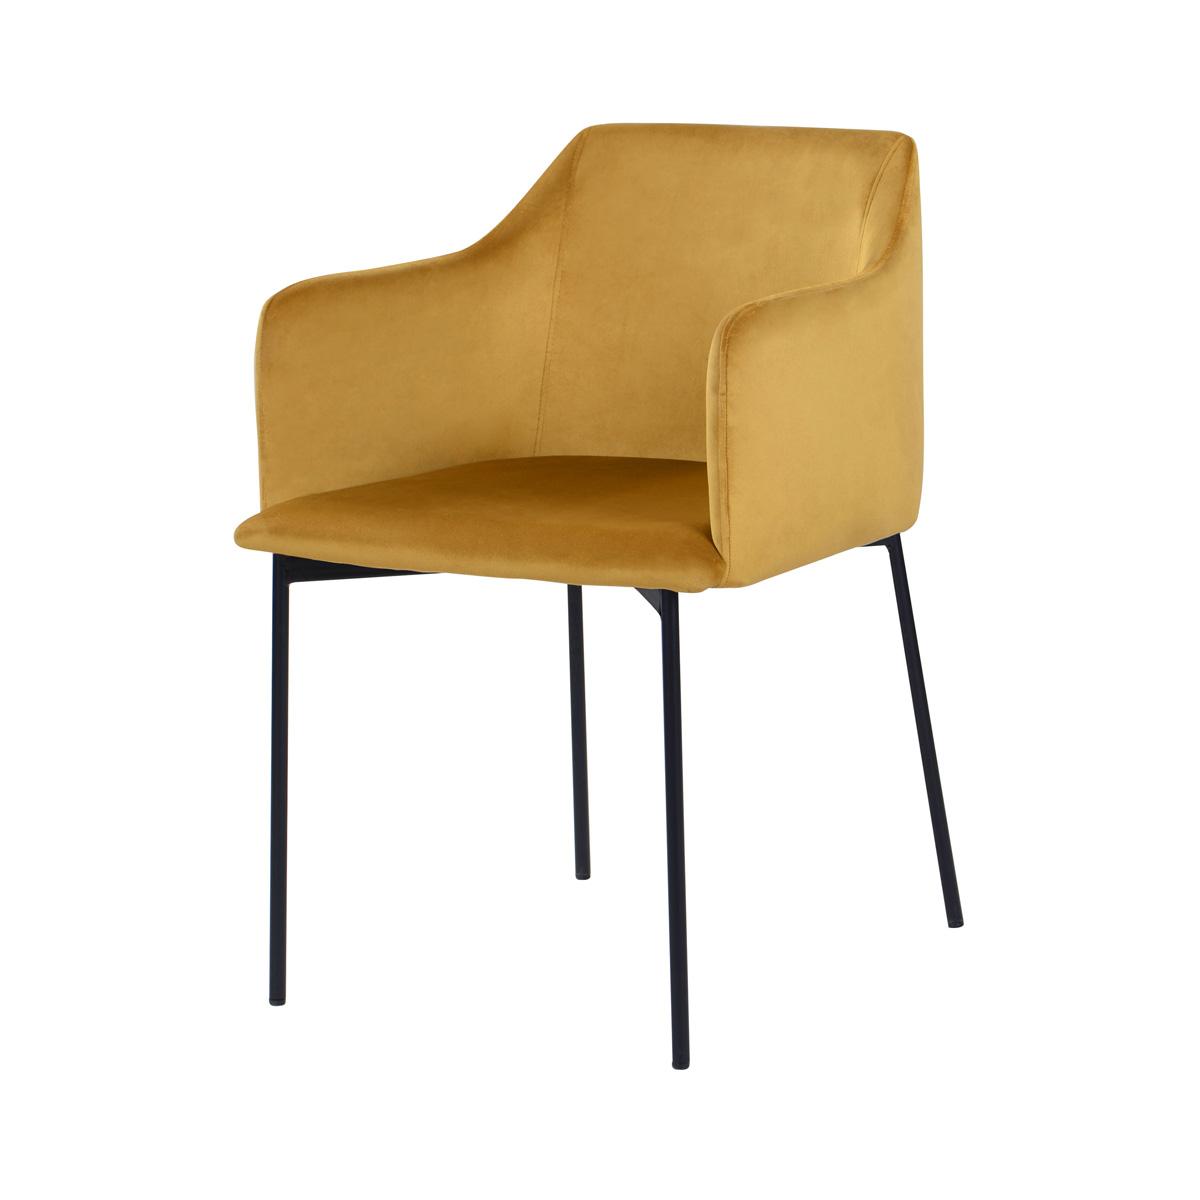 Fauteuil jaune moutarde en velours et pieds en métal noir